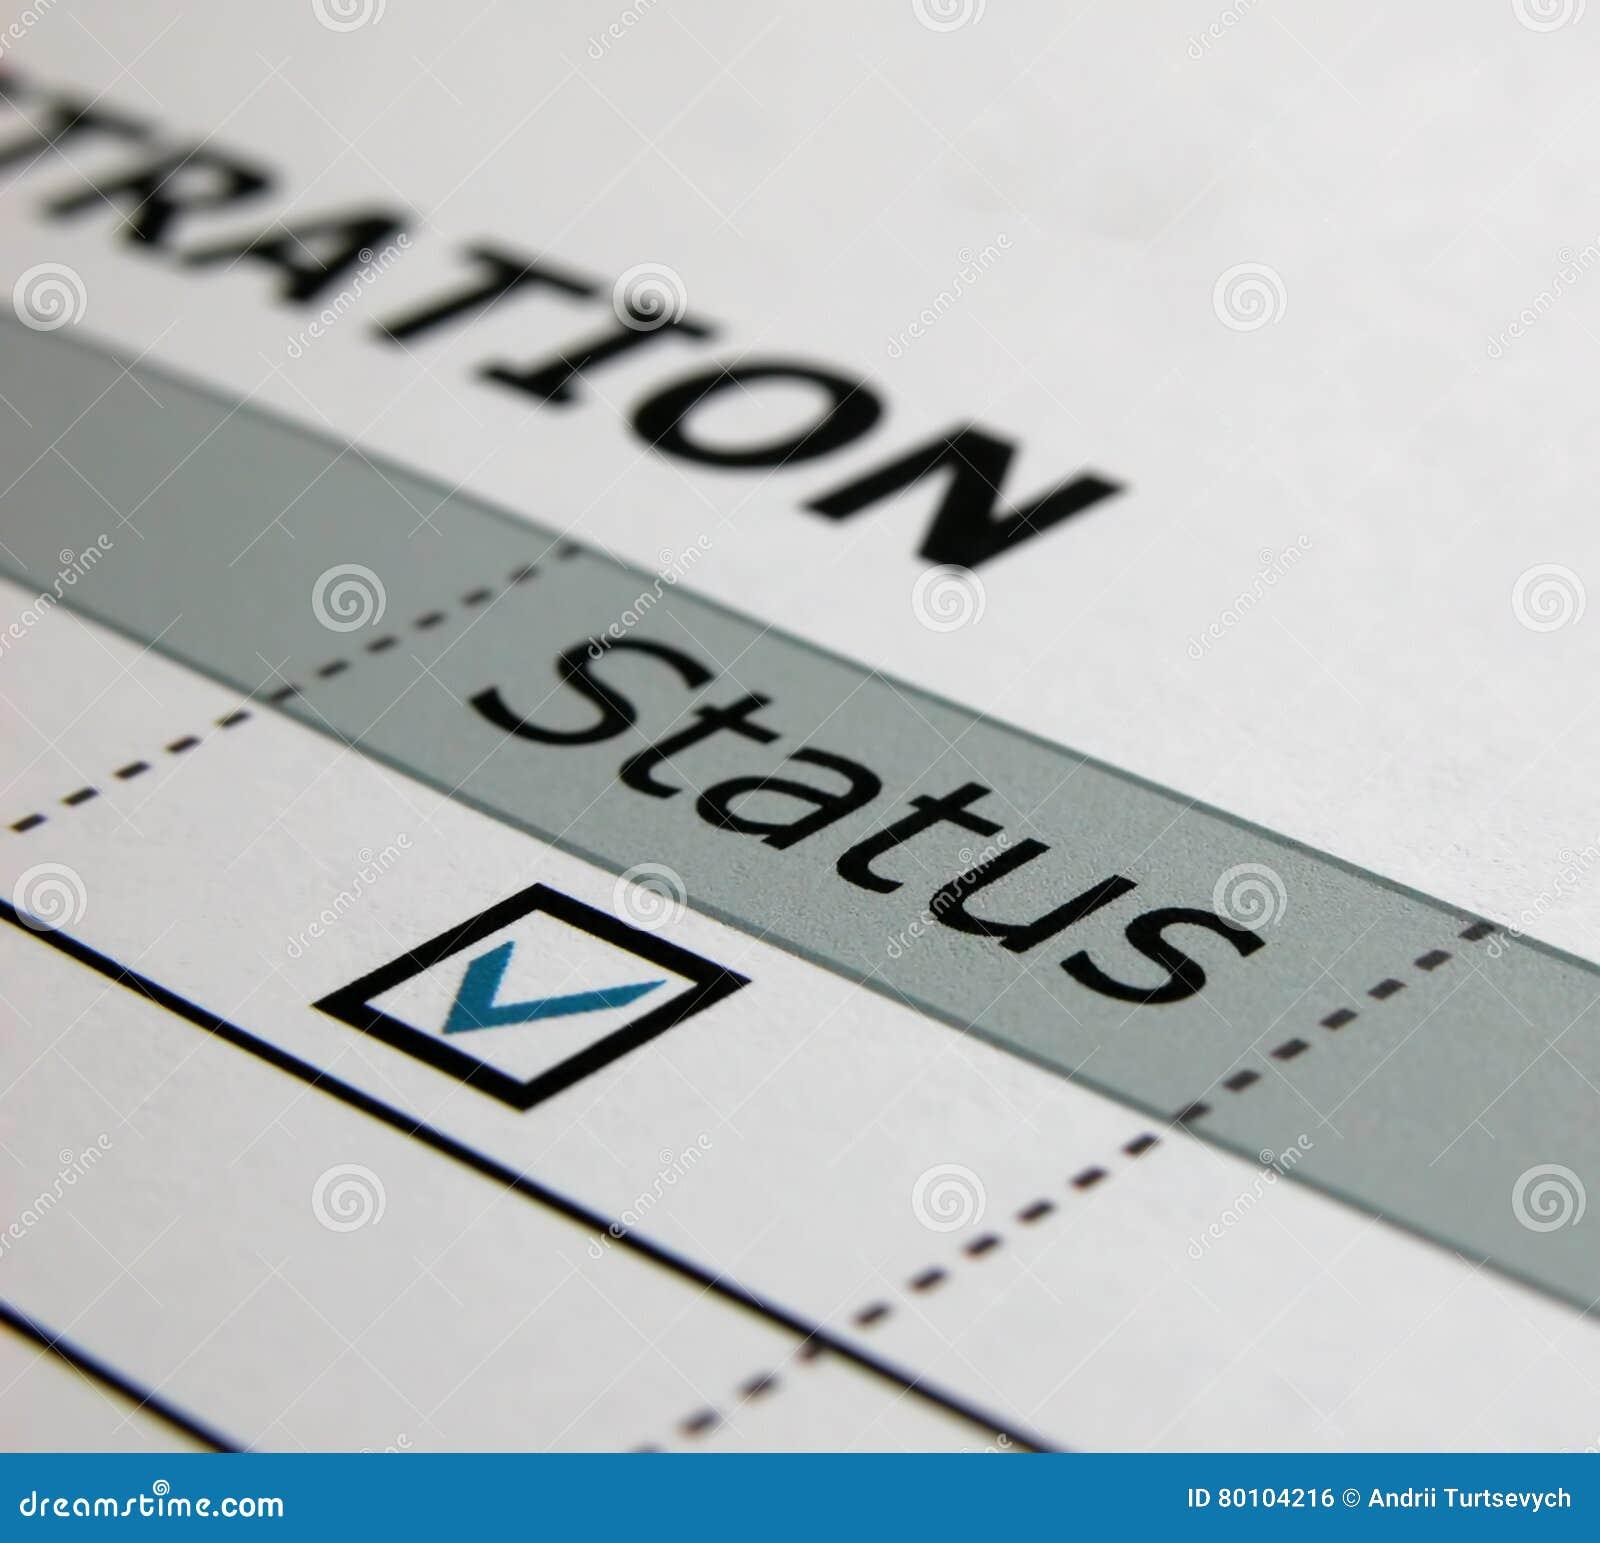 Papier, statut, enregistrement